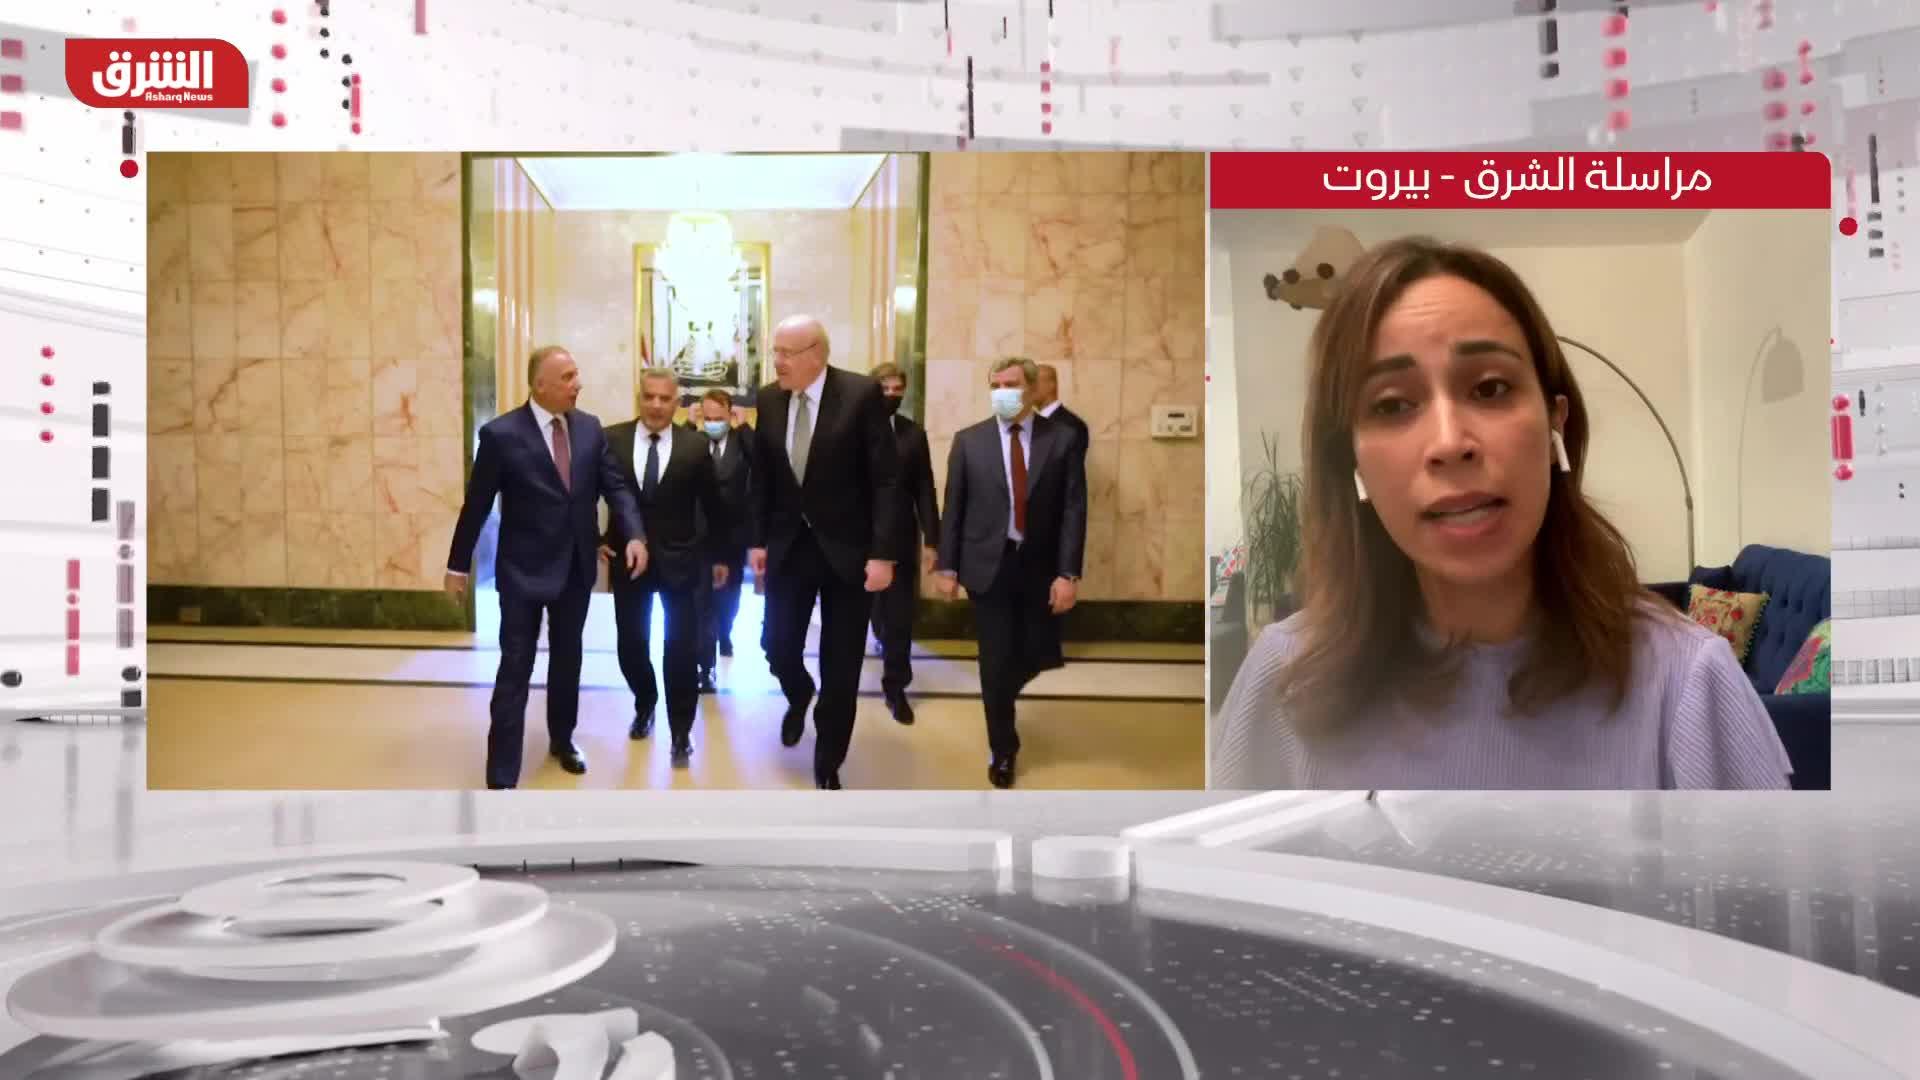 ميقاتي يبحث ملف الطاقة مع الكاظمي في بغداد